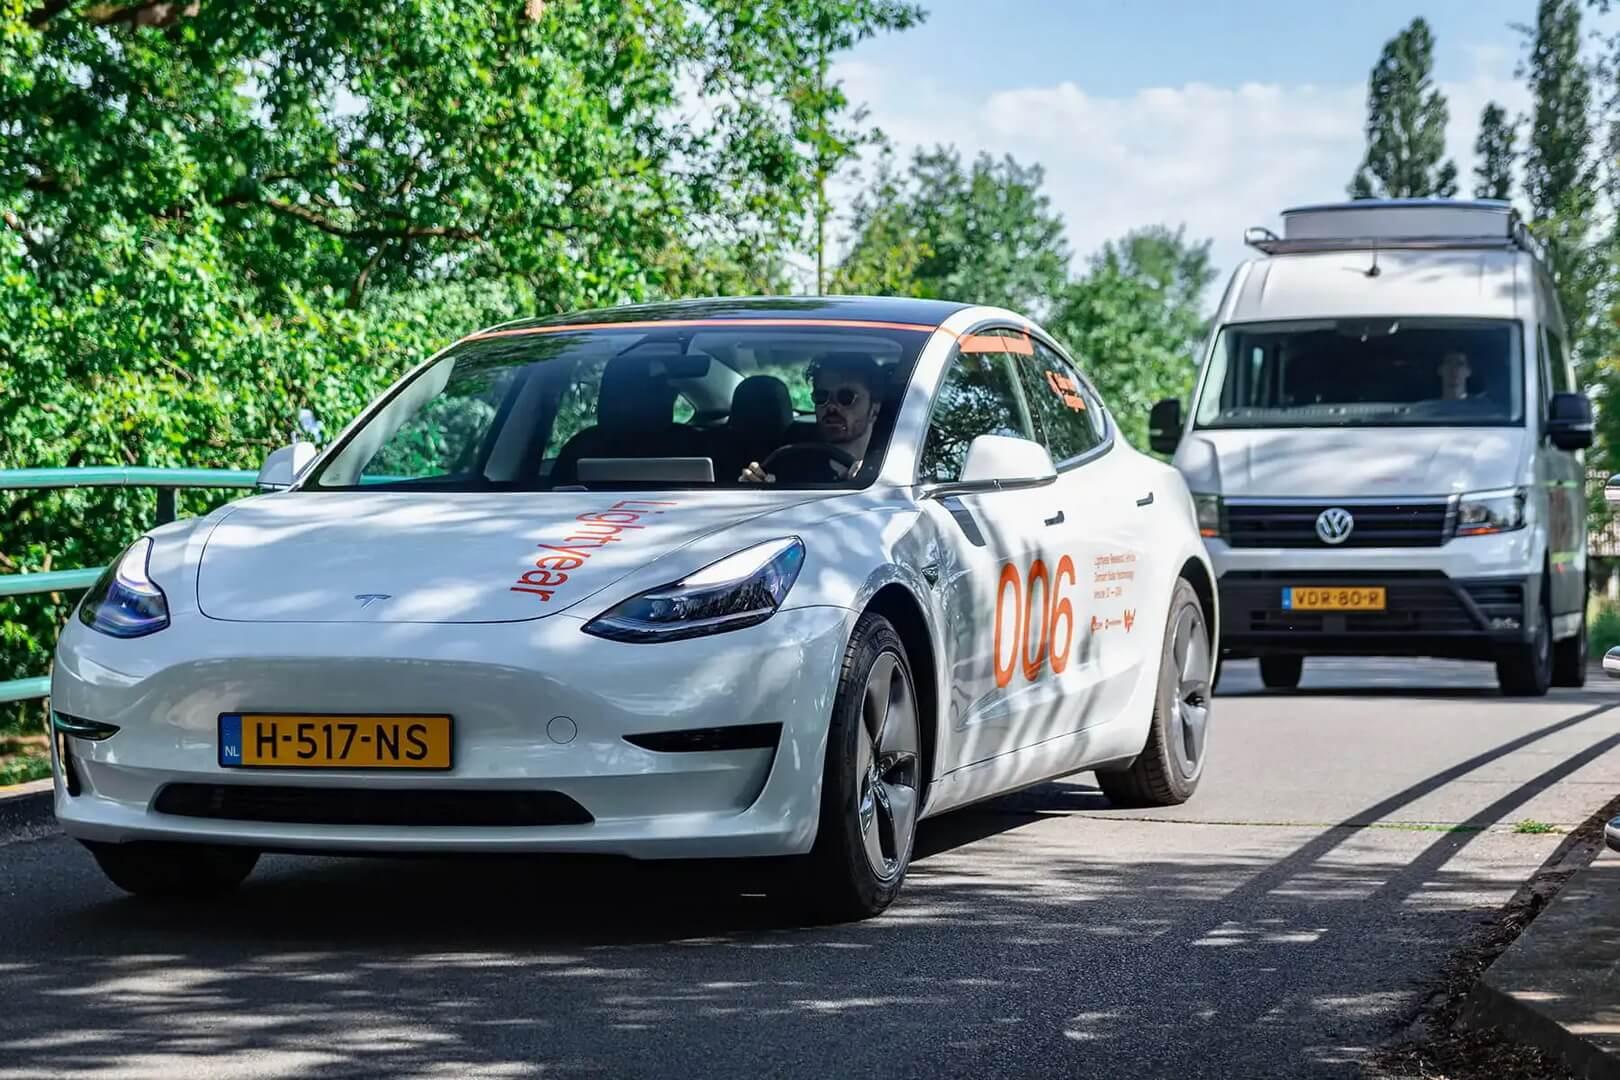 Lightyear тестирует «солнечную крышу» на Tesla Model 3 и VW Crafter